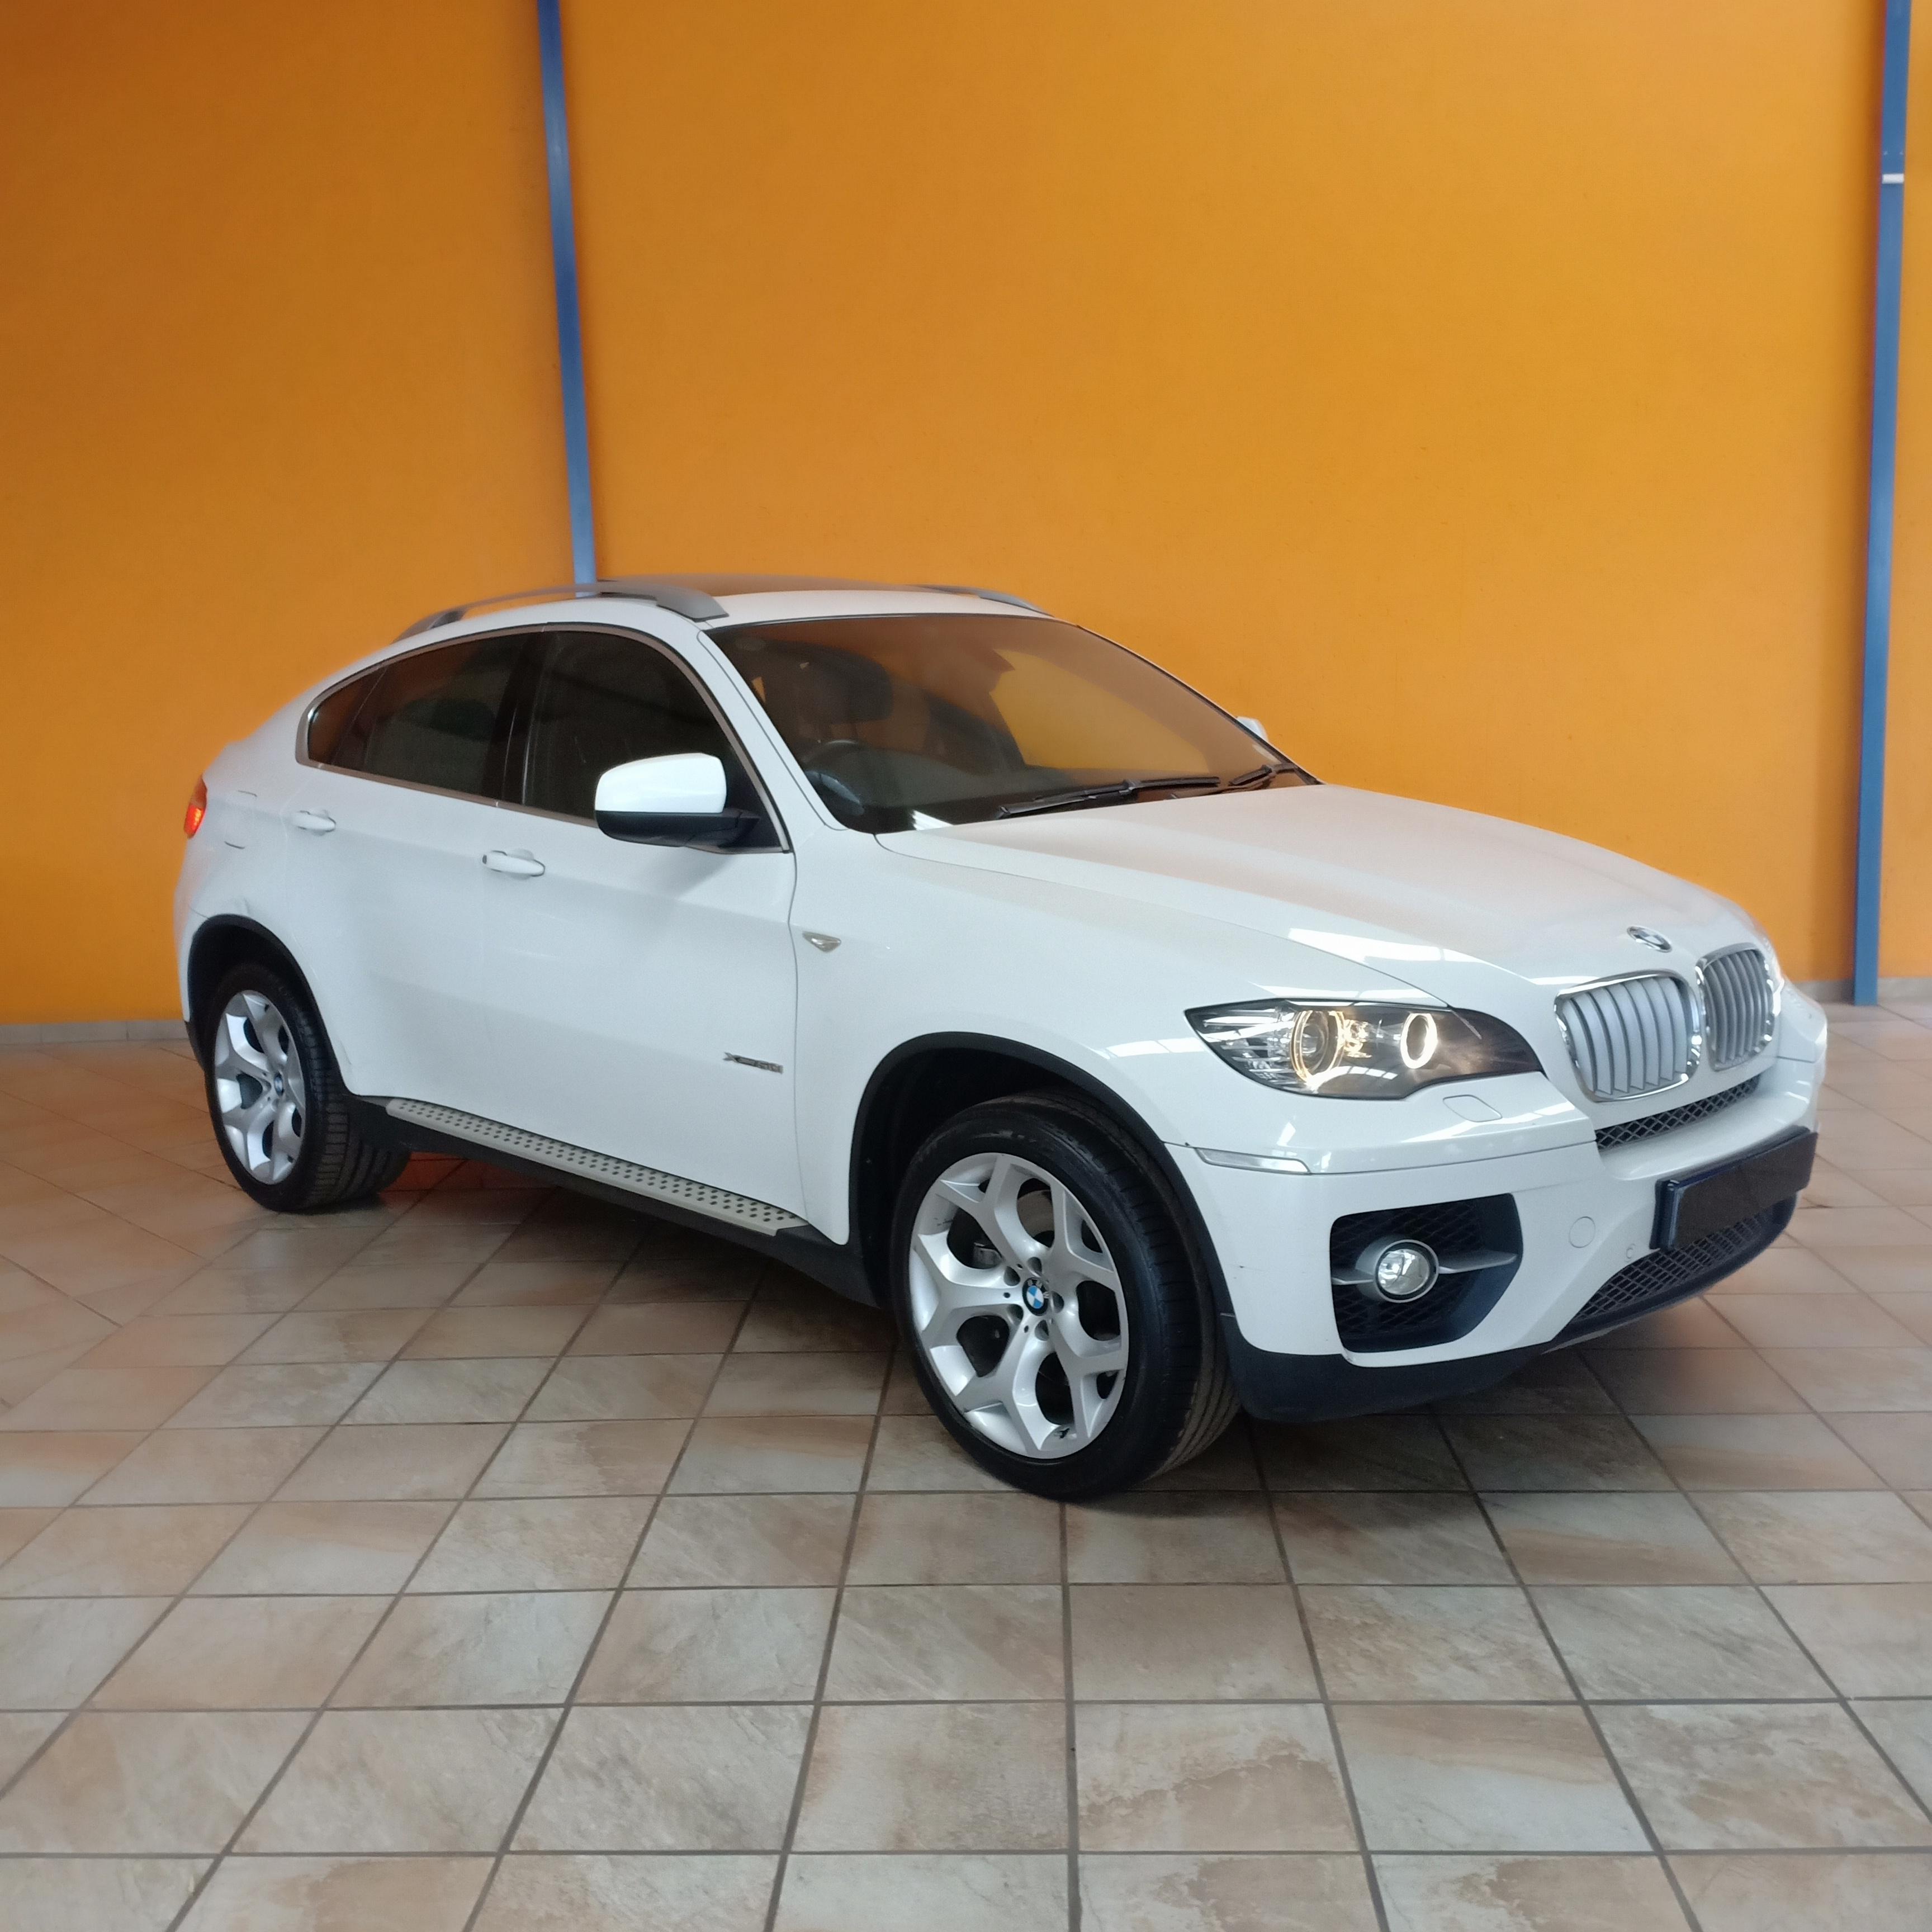 2010 BMW X6 XDRIVE 5.0I